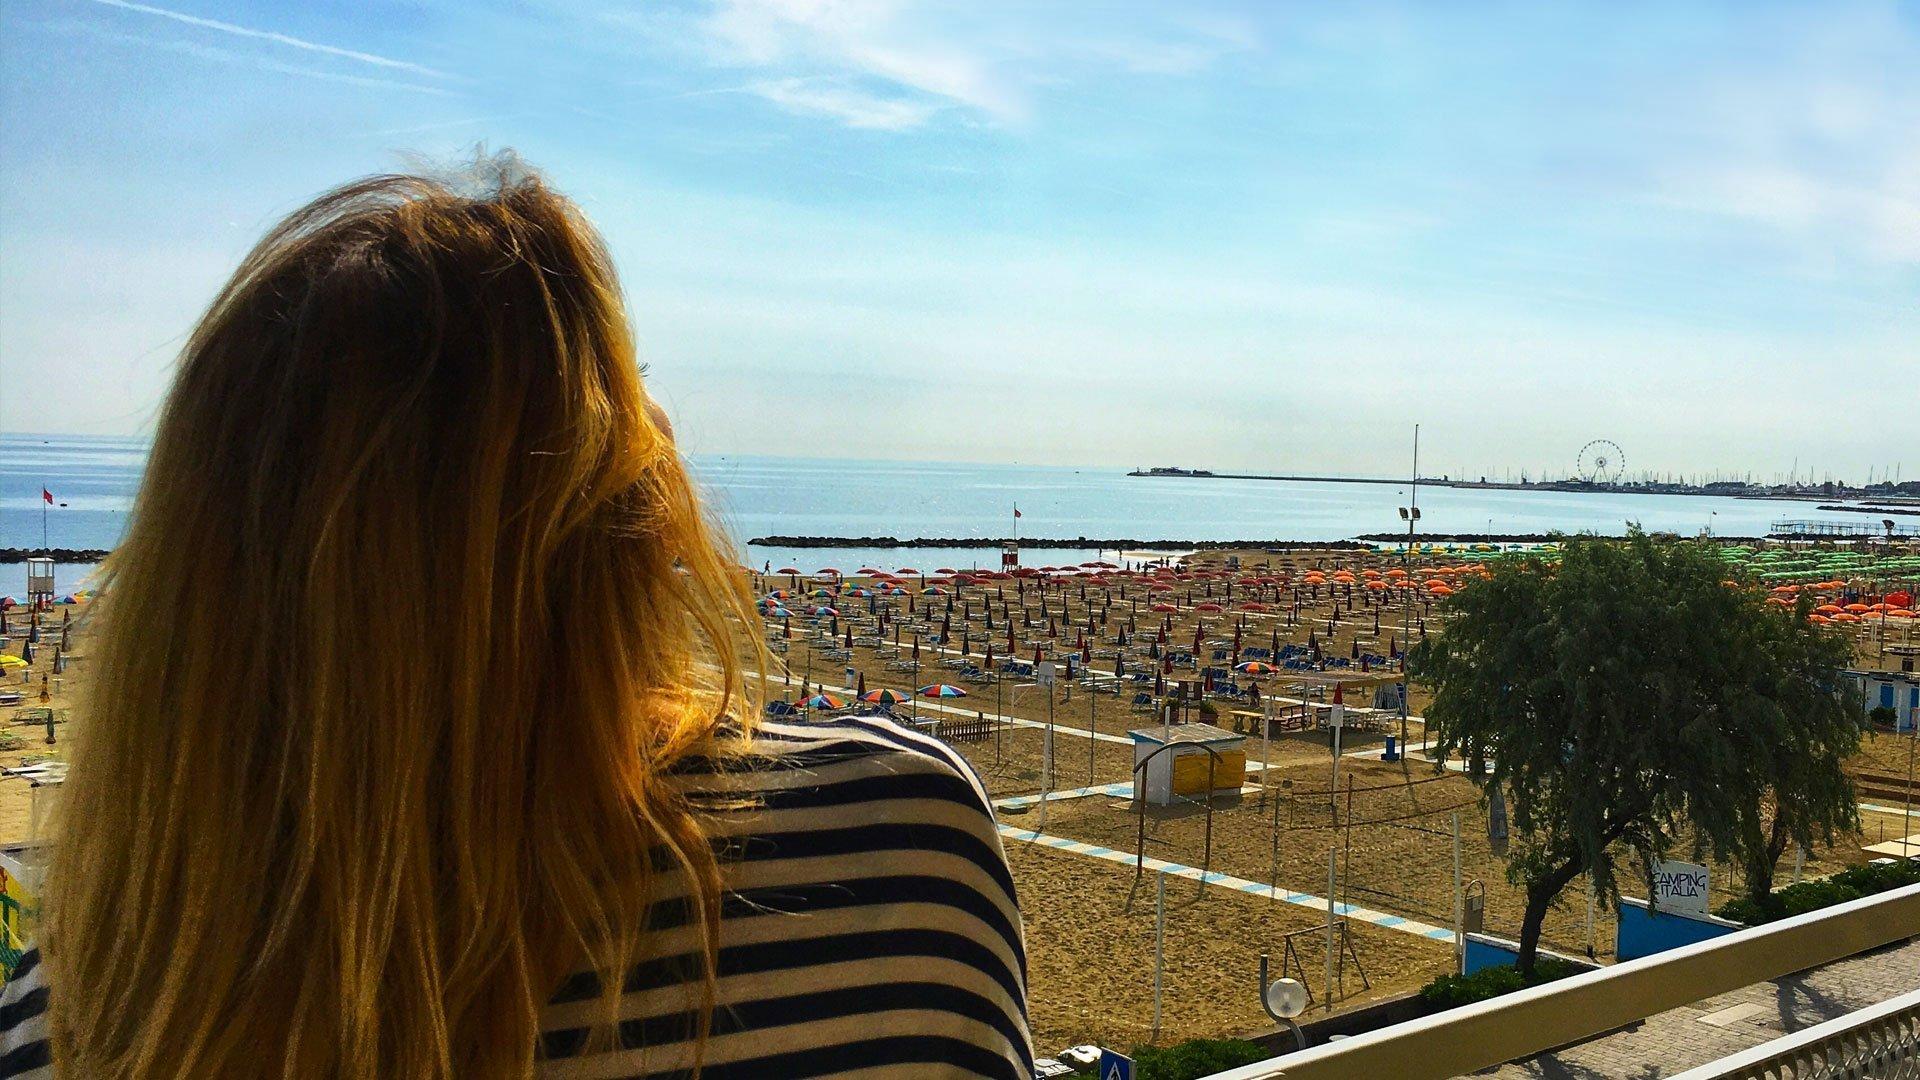 ragazza che guarda la vista mare dal balcone Hotel Tritone lungomare di Viserba di Rimini